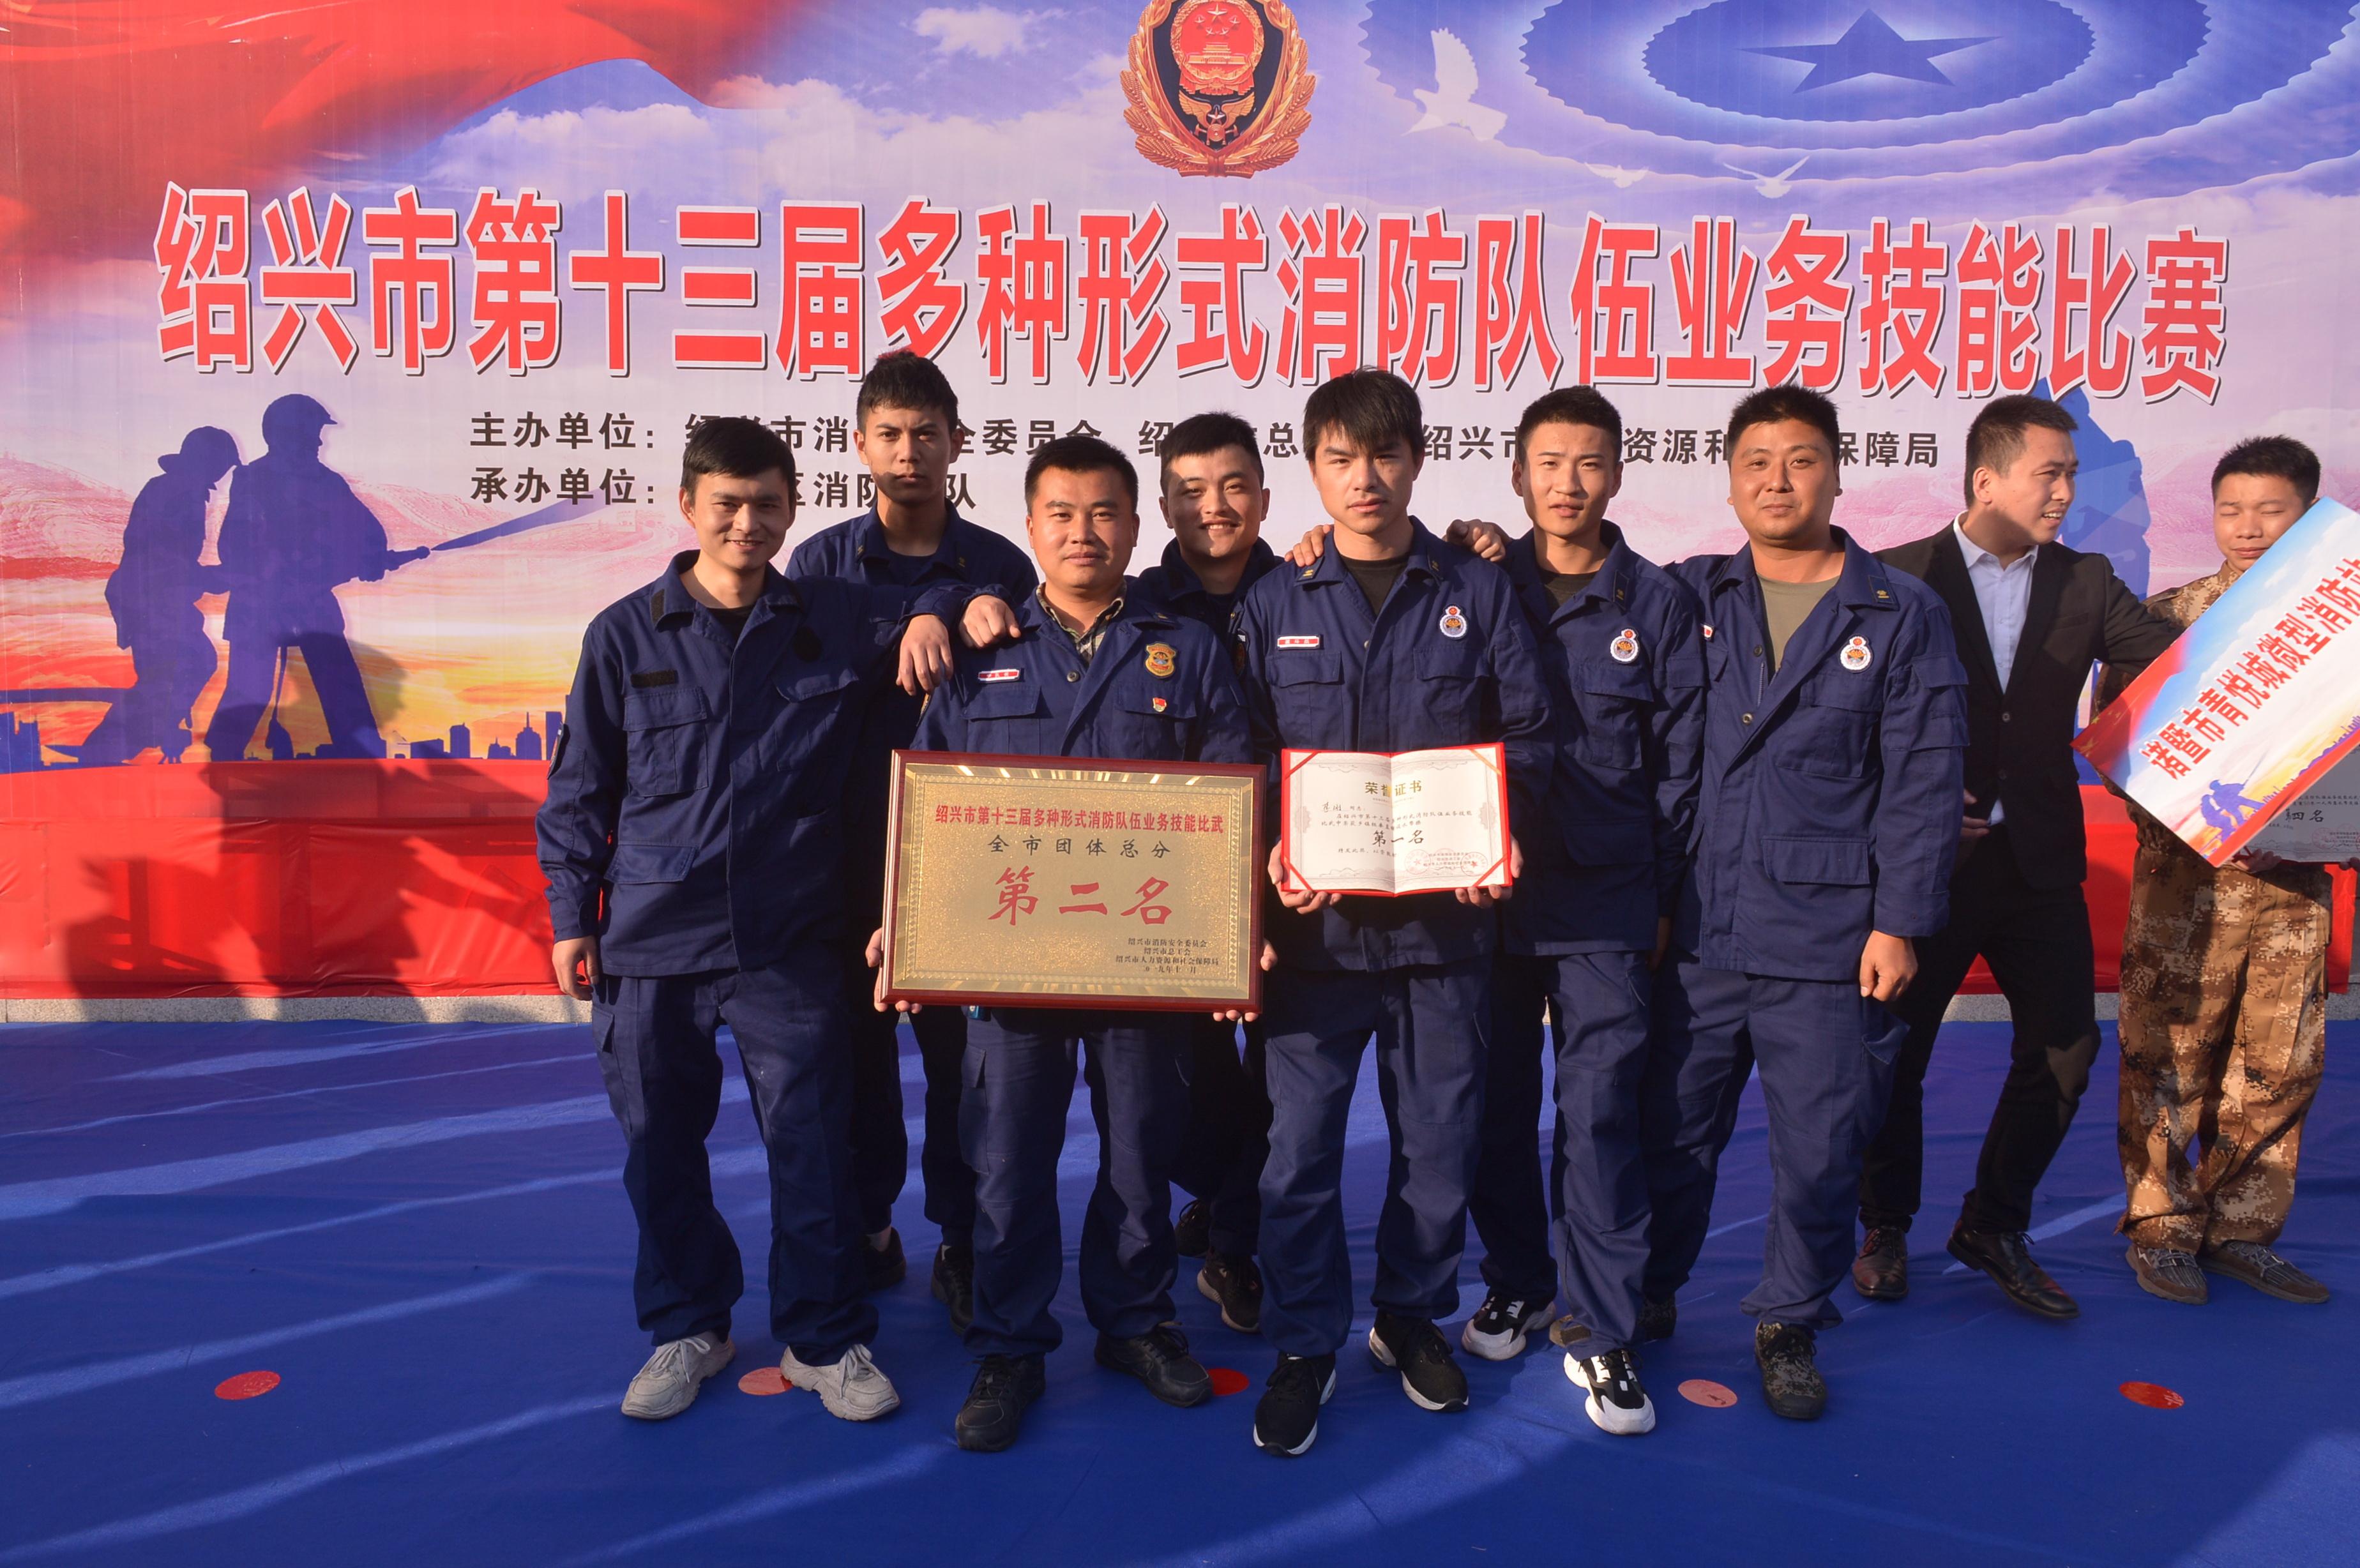 仙岩镇消防队获绍兴市第十三届多种消防队伍业务技能比赛团体第二名